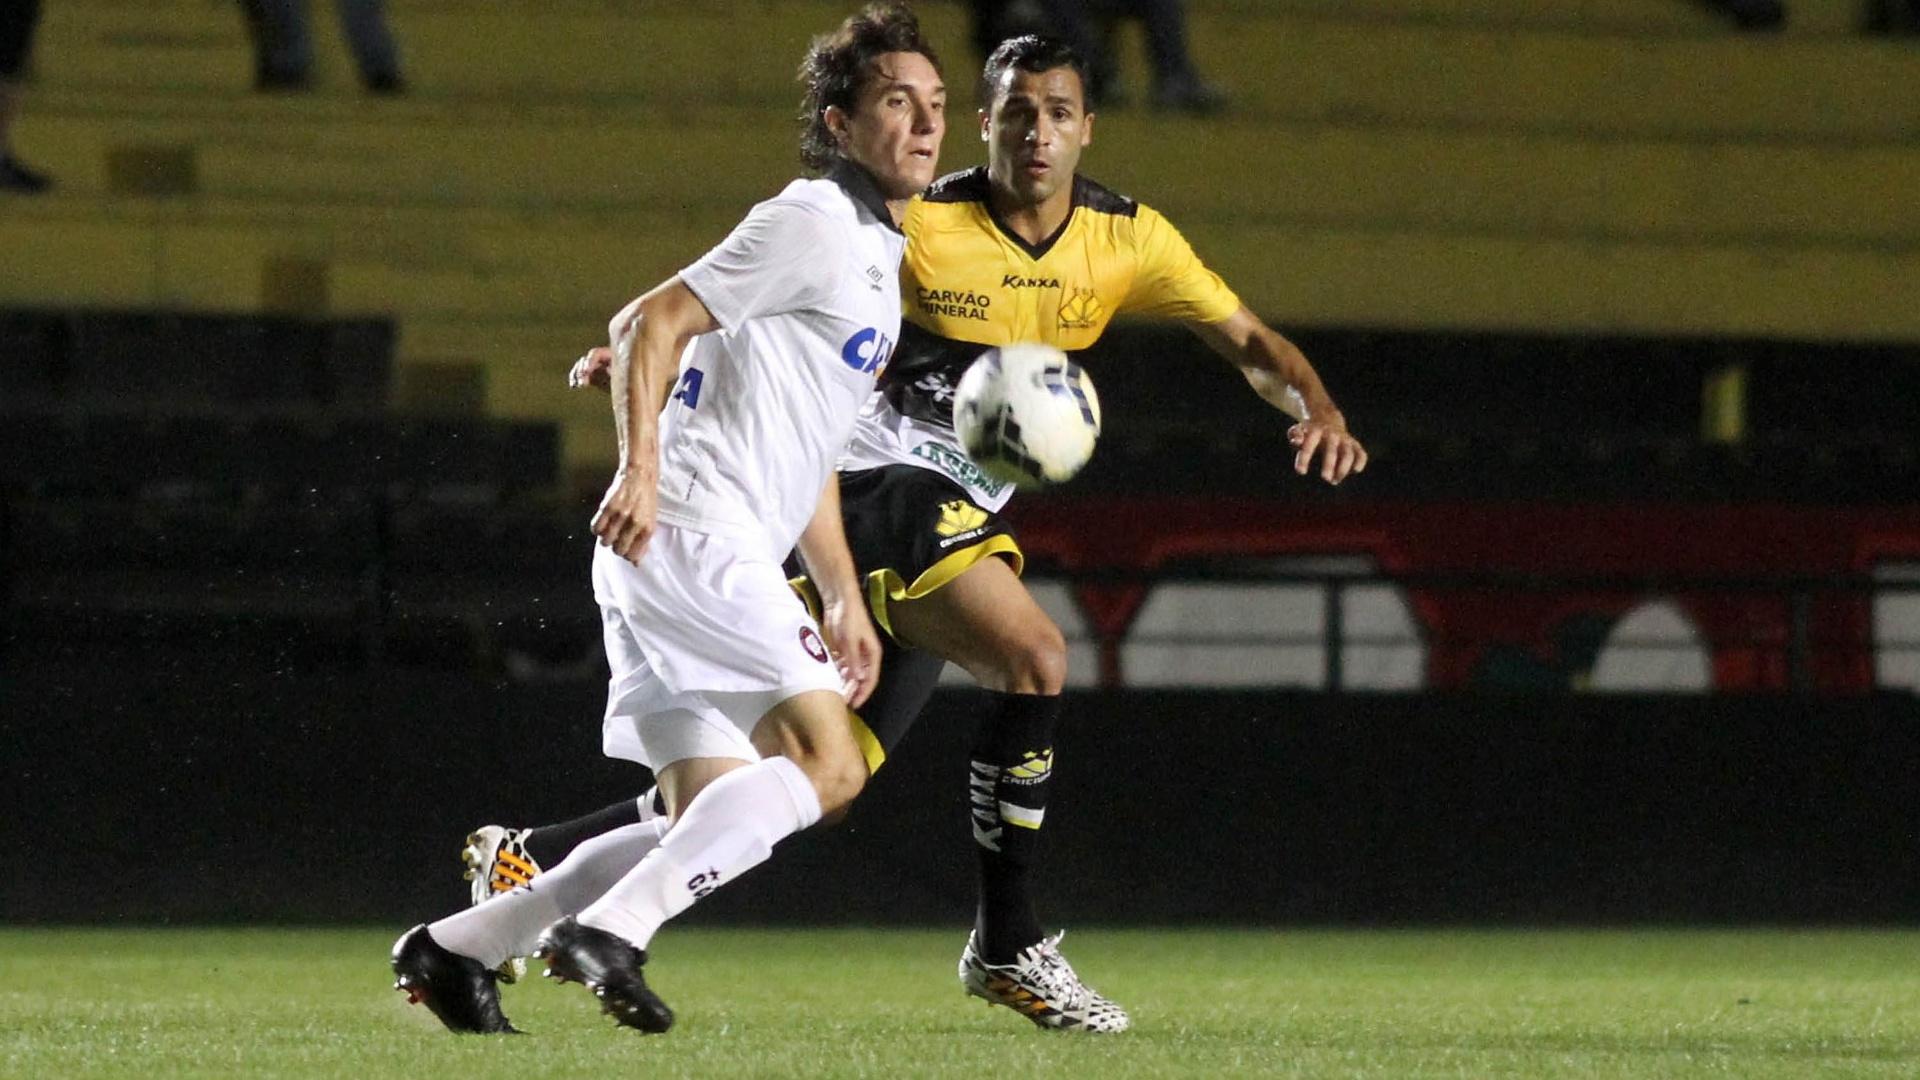 22. out. 2014 - Cleo, do Atlético-PR, disputa bola com Ronaldo Alves, do Criciúma, em partida pelo Campeonato Brasileiro